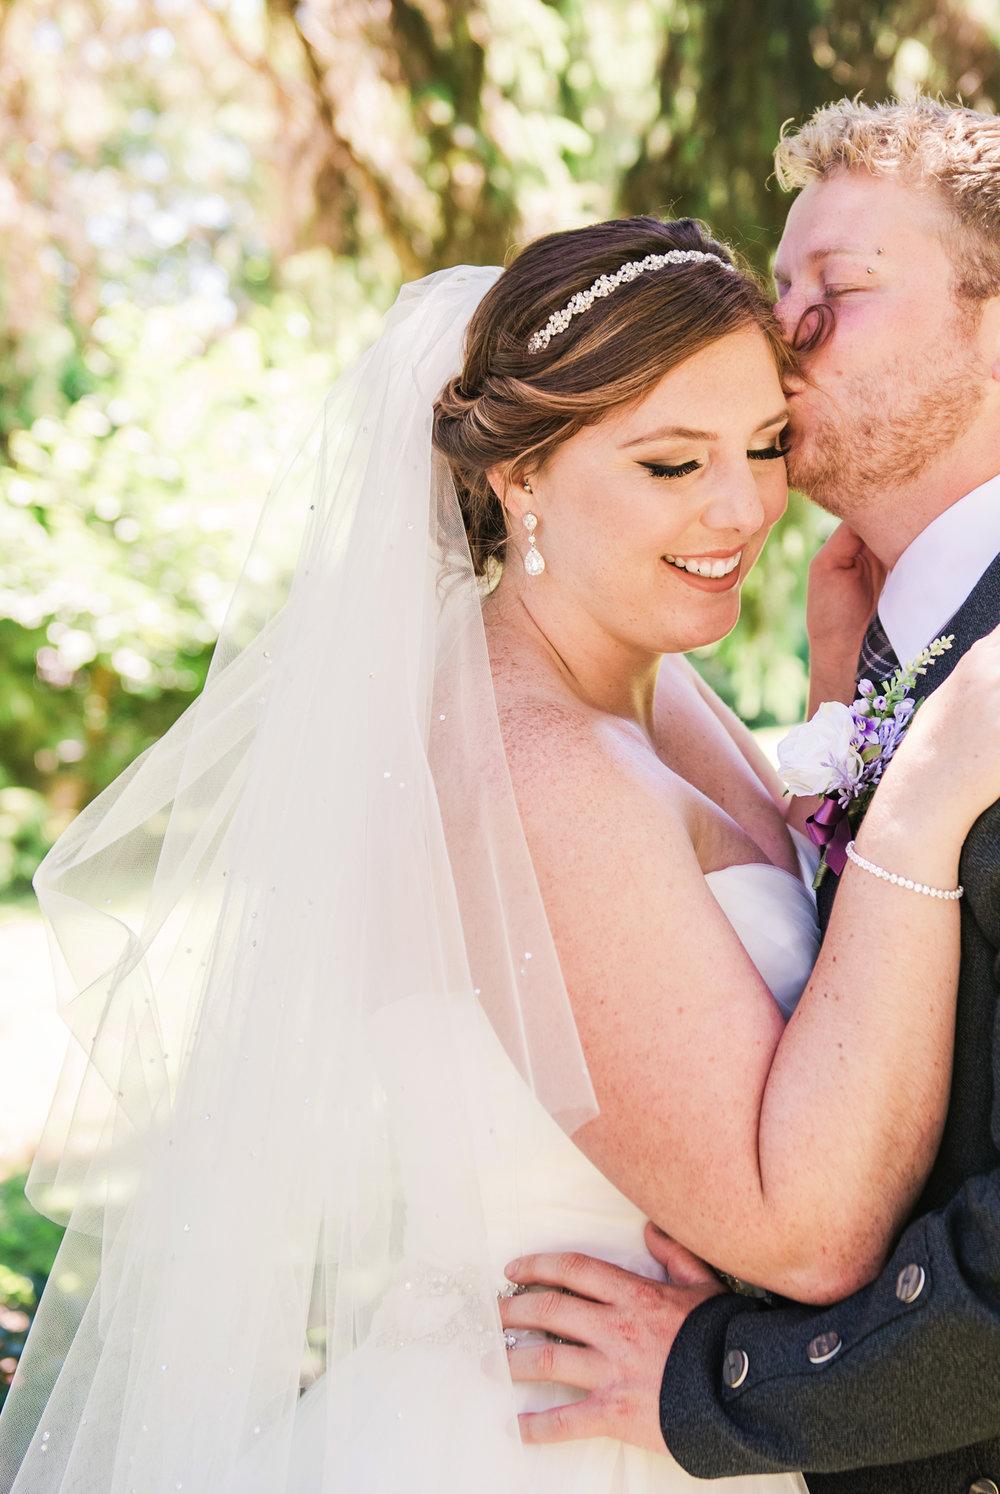 JILLSTUDIO_Club_86_Finger_Lakes_Wedding_Rochester_NY_Photographer_DSC_6947.jpg